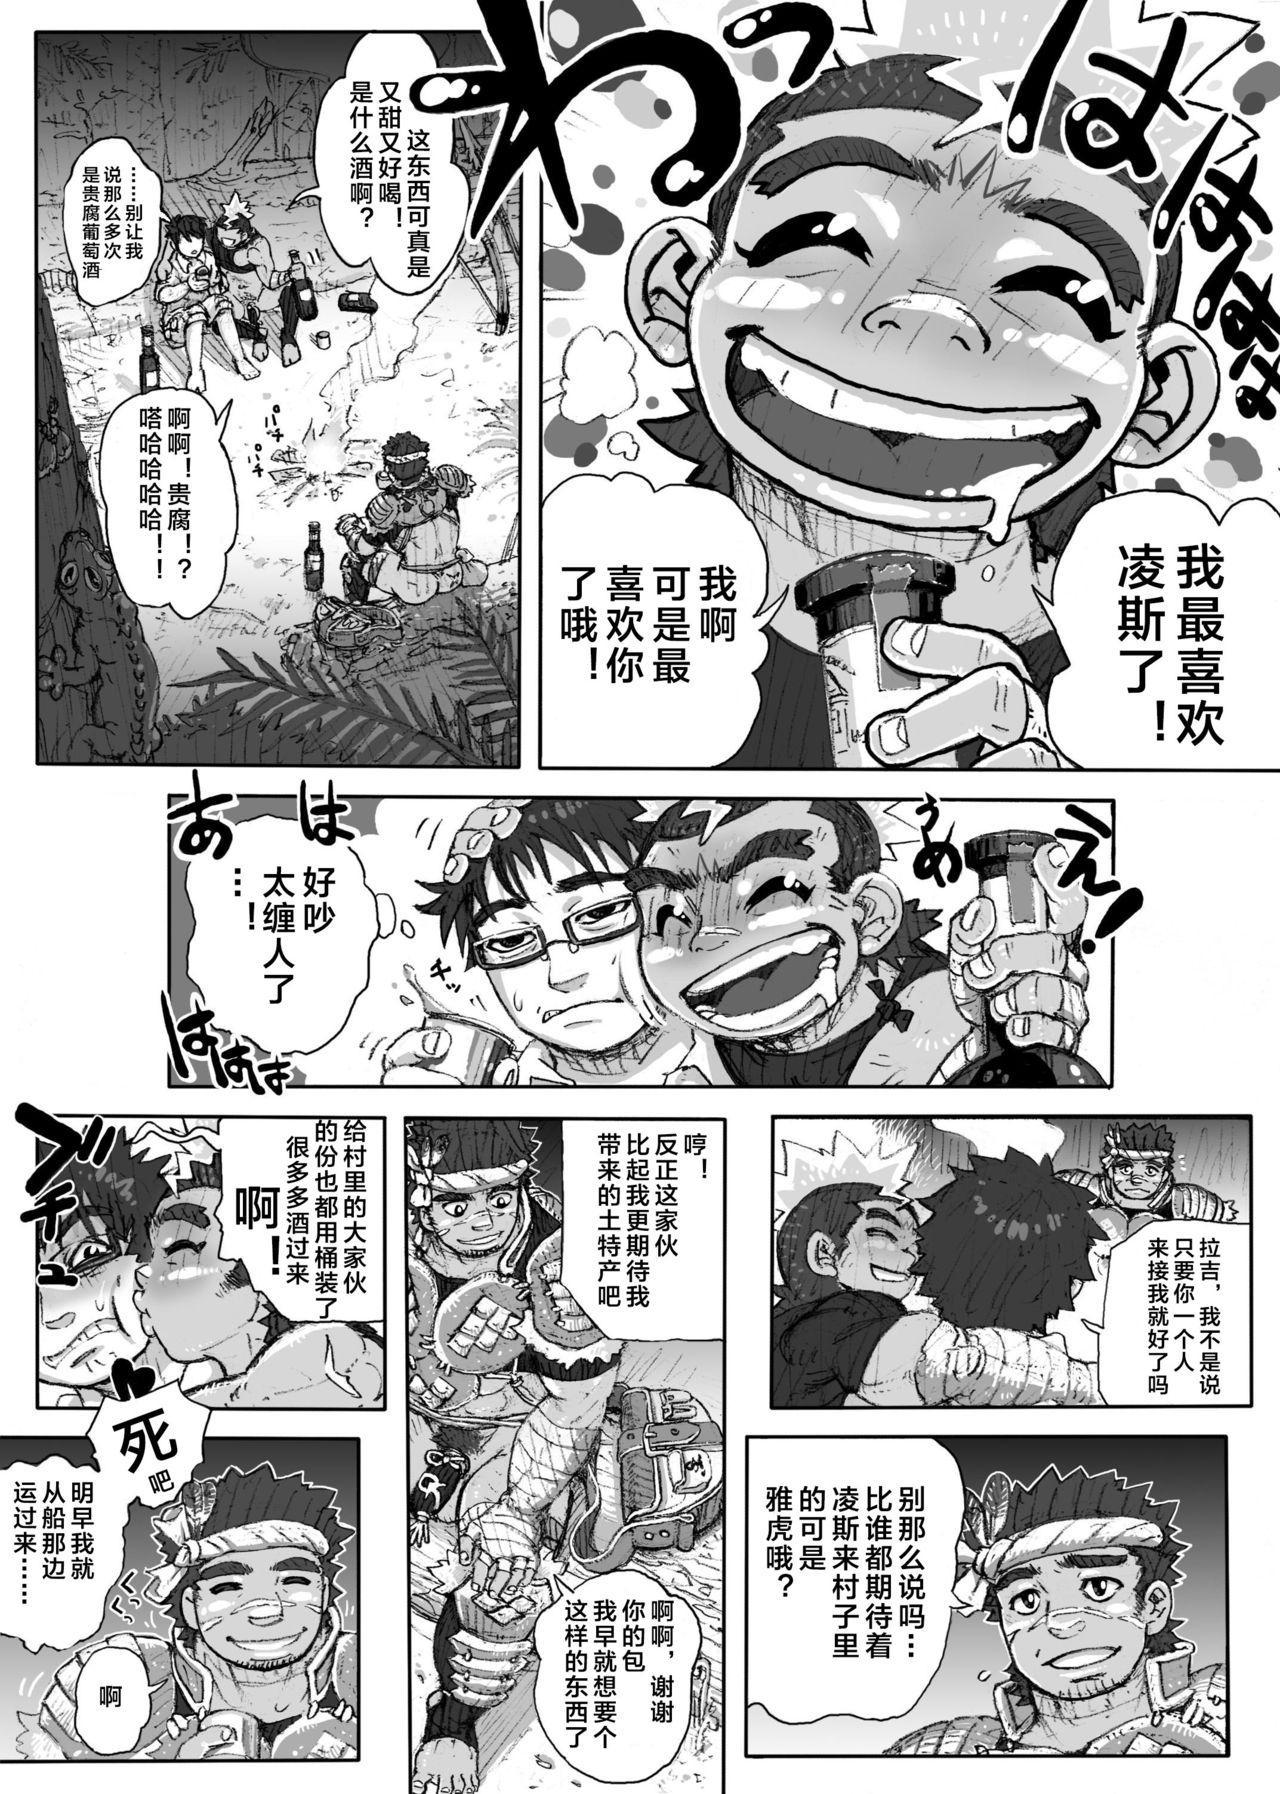 Hepoe no Kuni kara 1 - Mizu no Gakusha Sensei, Hi no Buzoku no Saru ni Hazukashimerareru no Maki 9